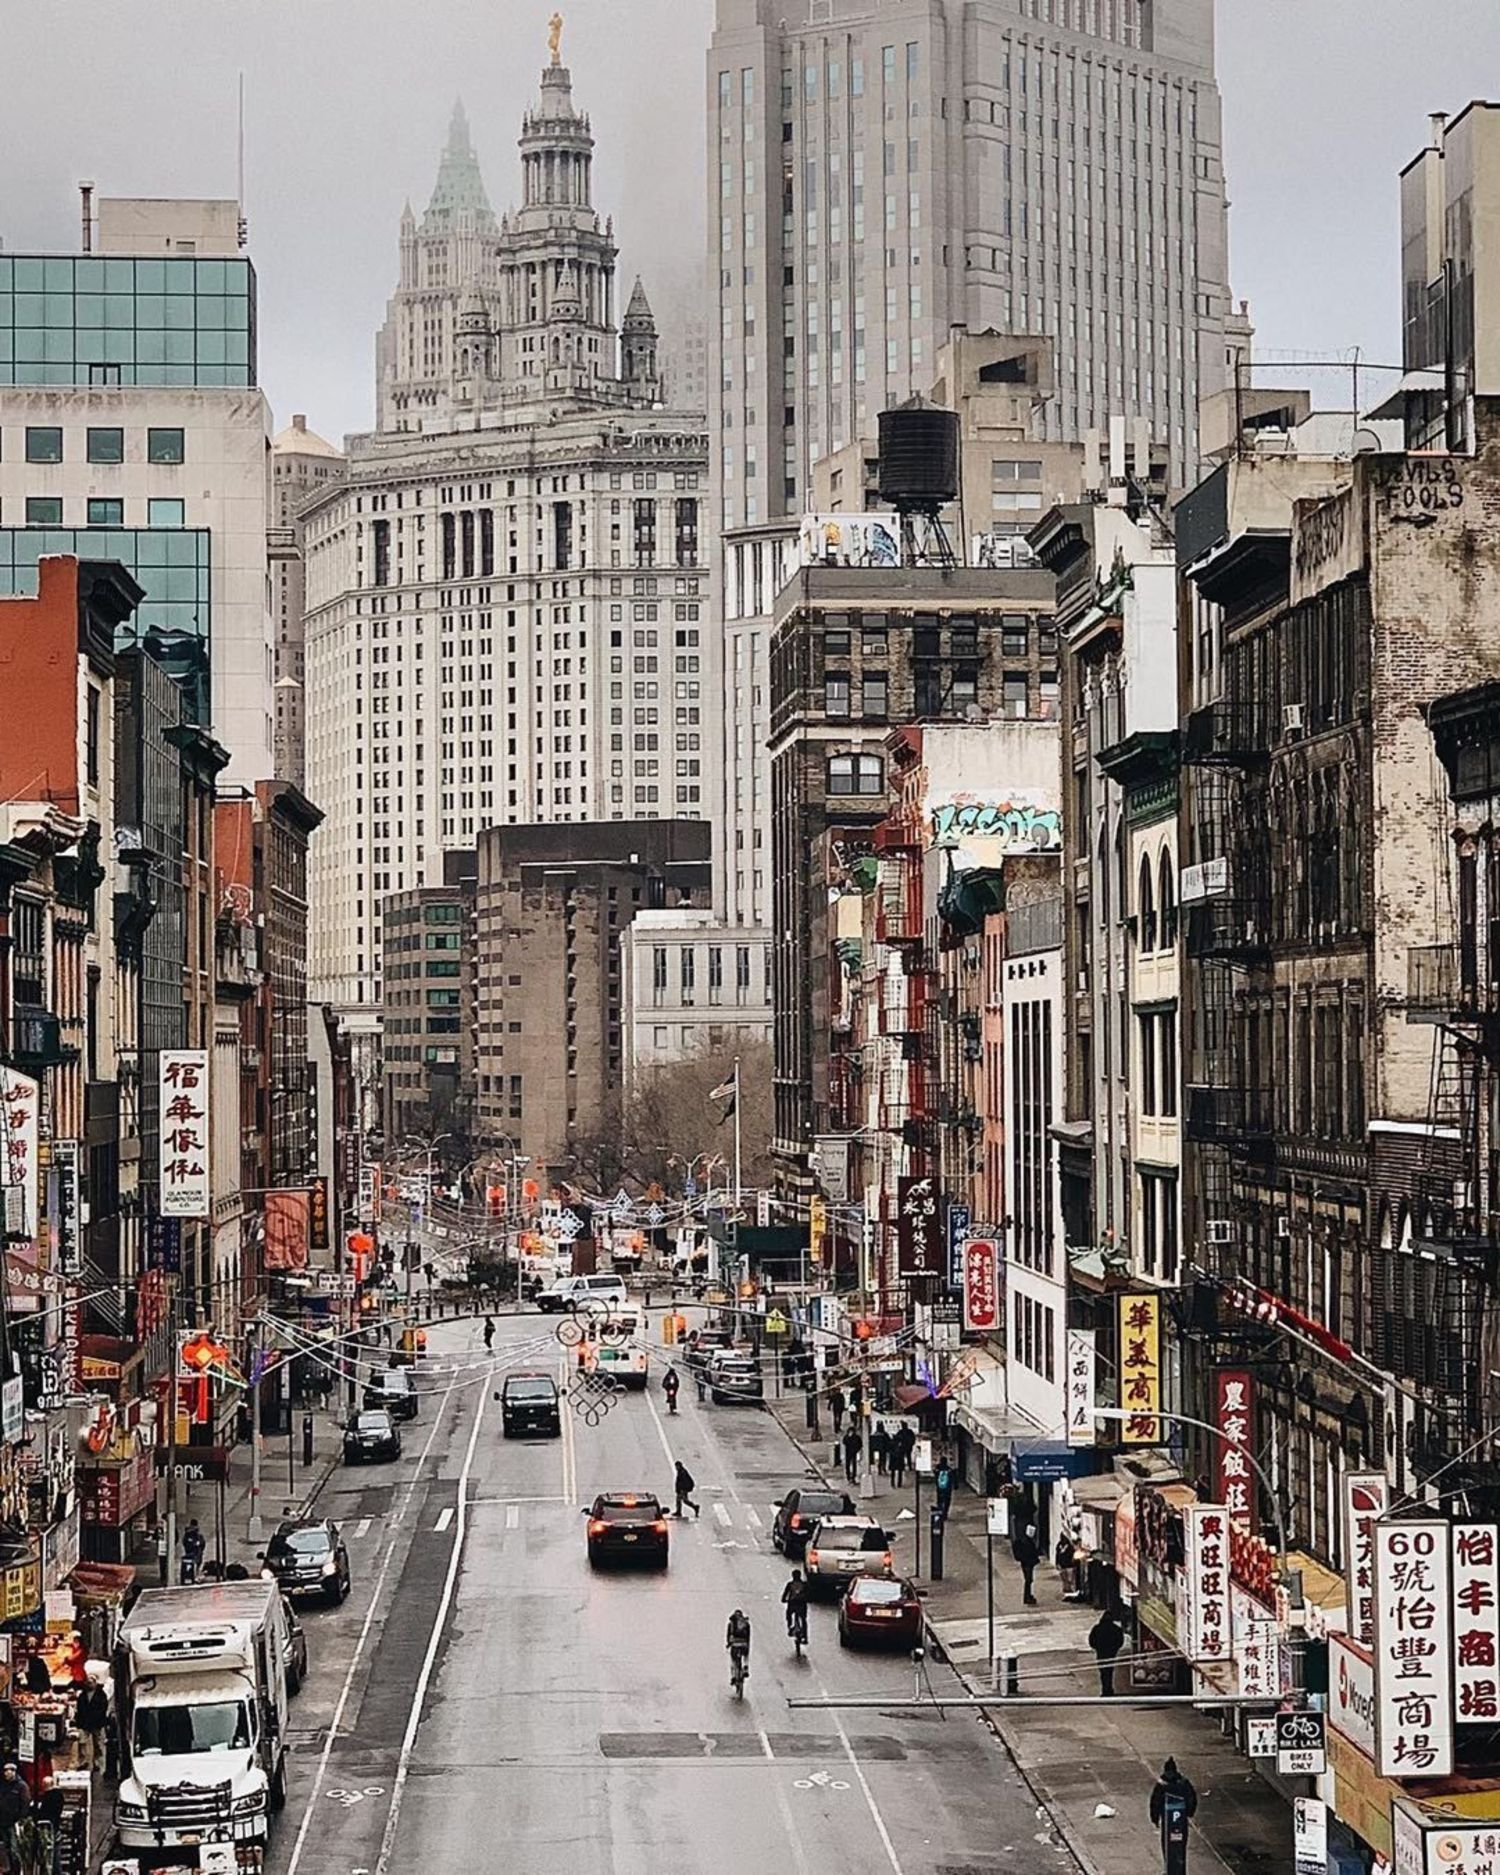 Chinatown, New York. Photo via @melliekr #viewingnyc #nyc #newyork #newyorkcity